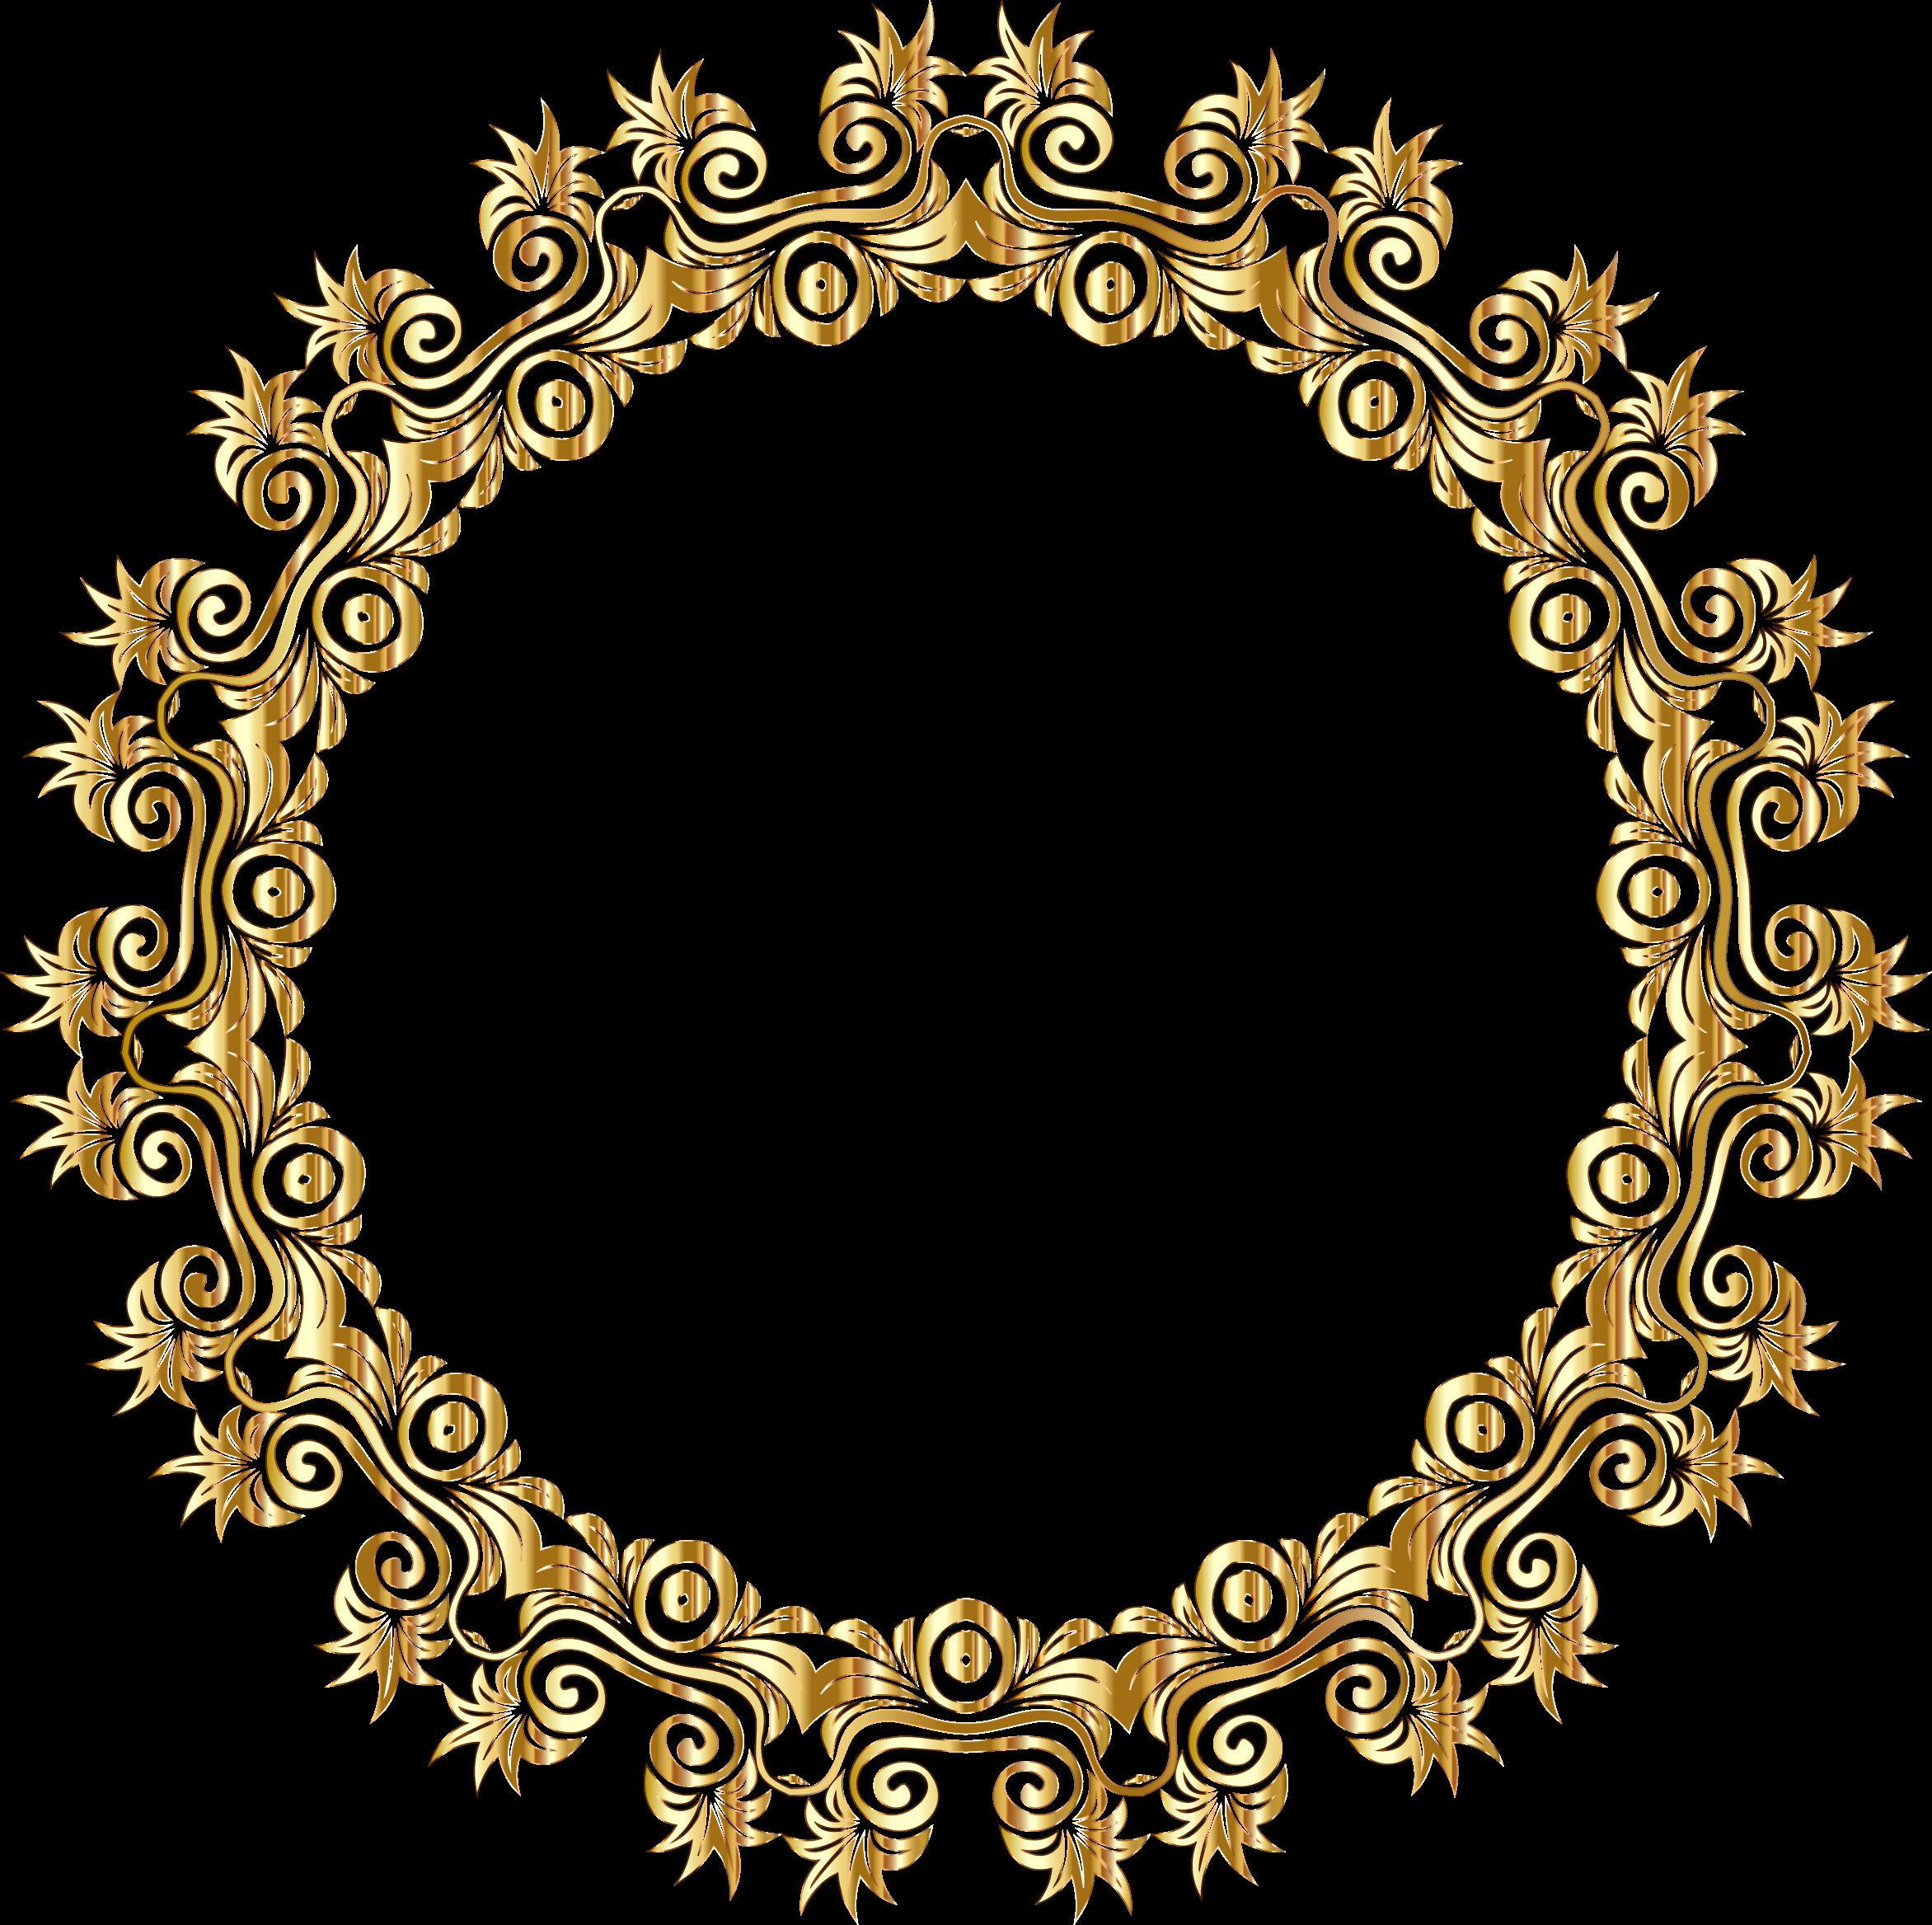 Gold Floral Flourish Motif Frame No Background Png 2344 2335 Gold Gold Frame Clip Art Borders